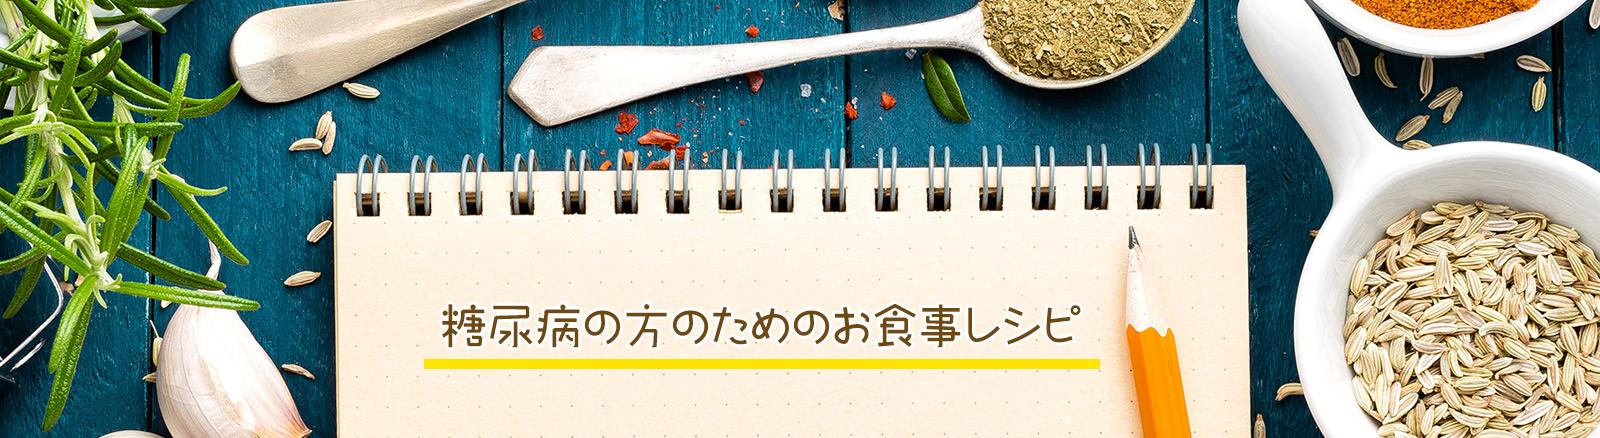 糖尿病の方のためのお食事レシピ